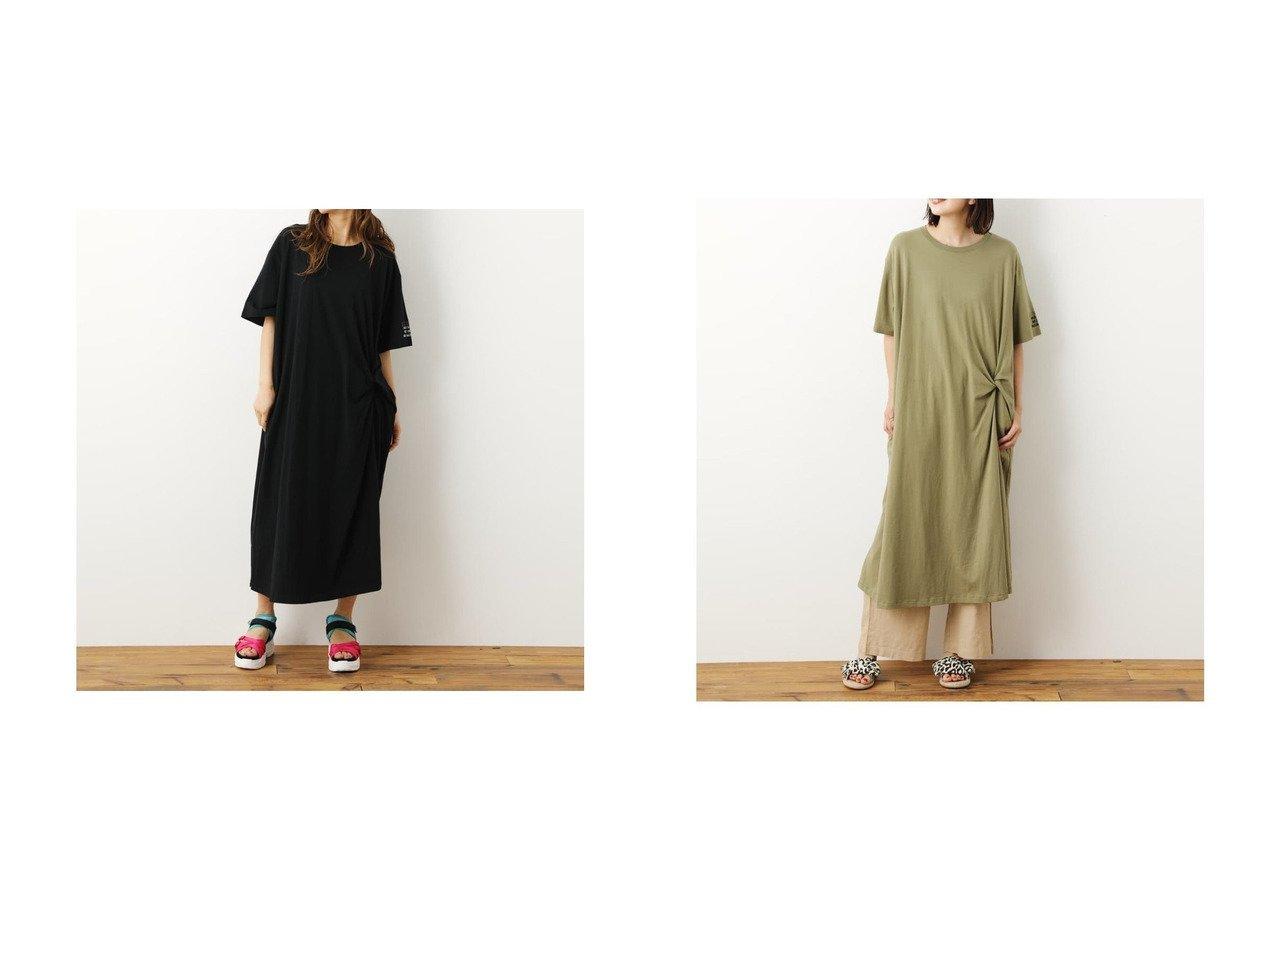 【RODEO CROWNS WIDE BOWL/ロデオクラウンズワイドボウル】のTwistカットTシャツワンピース おすすめ!人気トレンド・レディースファッション通販 おすすめで人気の流行・トレンド、ファッションの通販商品 インテリア・家具・メンズファッション・キッズファッション・レディースファッション・服の通販 founy(ファニー) https://founy.com/ ファッション Fashion レディースファッション WOMEN ワンピース Dress シャツワンピース Shirt Dresses 2021年 2021 2021春夏・S/S SS/Spring/Summer/2021 S/S・春夏 SS・Spring/Summer アシンメトリー ツイスト フロント 夏 Summer 春 Spring  ID:crp329100000053088